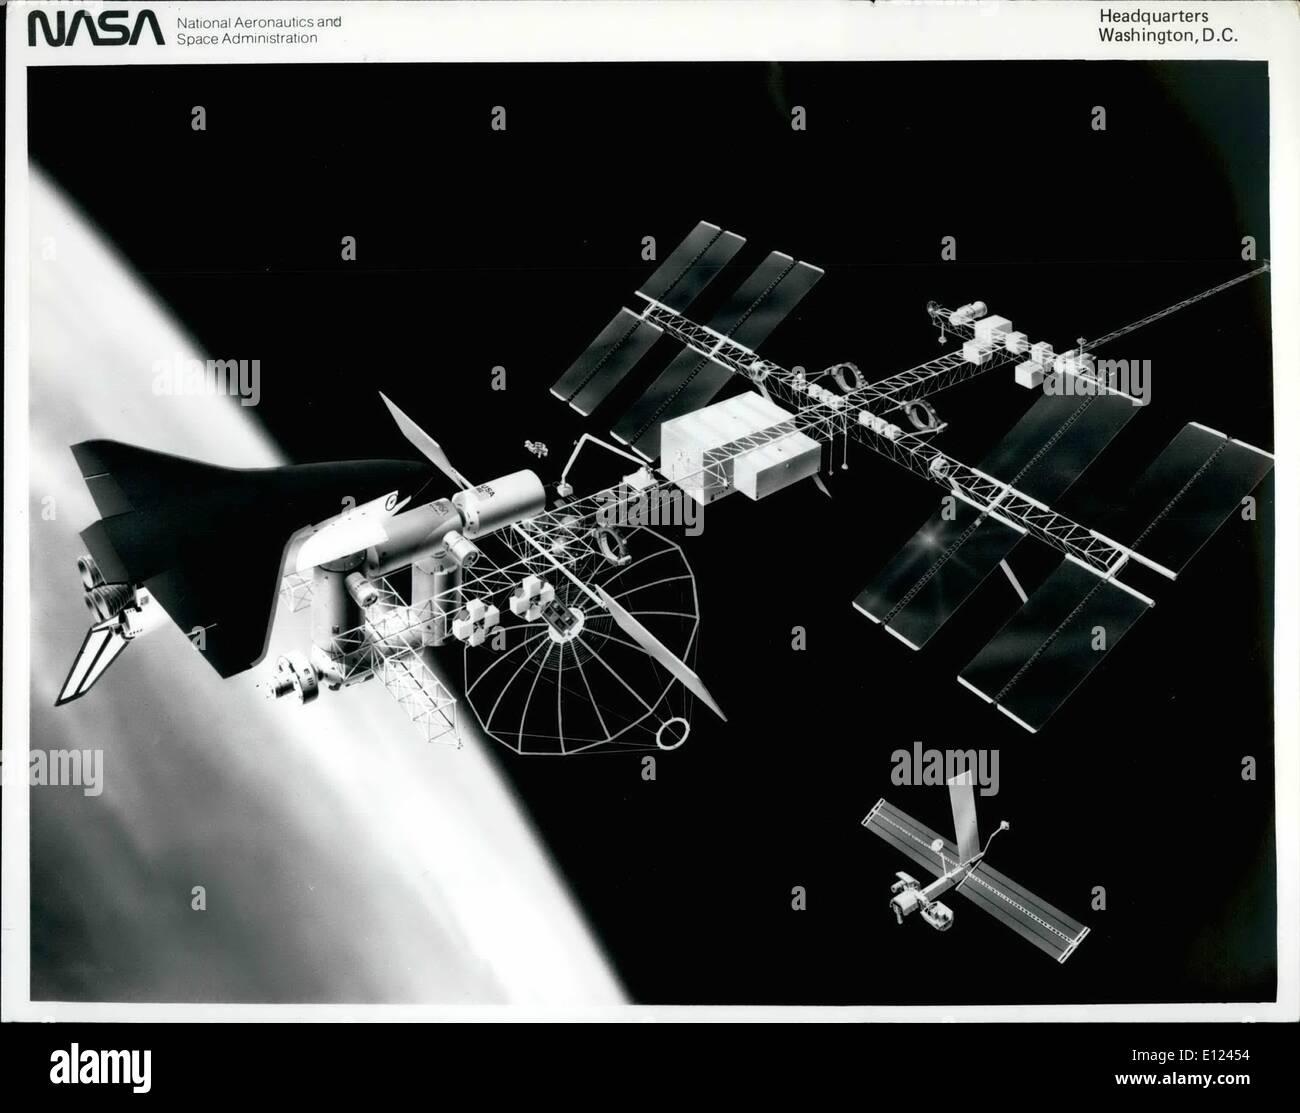 08 août, 1984 - station spatiale: Le ''power tower'' concept de référence de la station spatiale en orbite autour de la Terre dans ce concept de l'artiste. Cette configuration, présenté à la réunion d'information de l'industrie au Centre spatial Johnson de la NASA, est utilisé le concept de référence pour la conception préliminaire de la Phase B et la définition des contrats. Environ 400 pieds de longueur, la Station spatiale a wing-comme des panneaux solaires et des tableaux top pour convertir la lumière du soleil d'environ 75 kilowatts d'énergie électrique et de petits panneaux de radiateur à chaleur dissapate Photo Stock